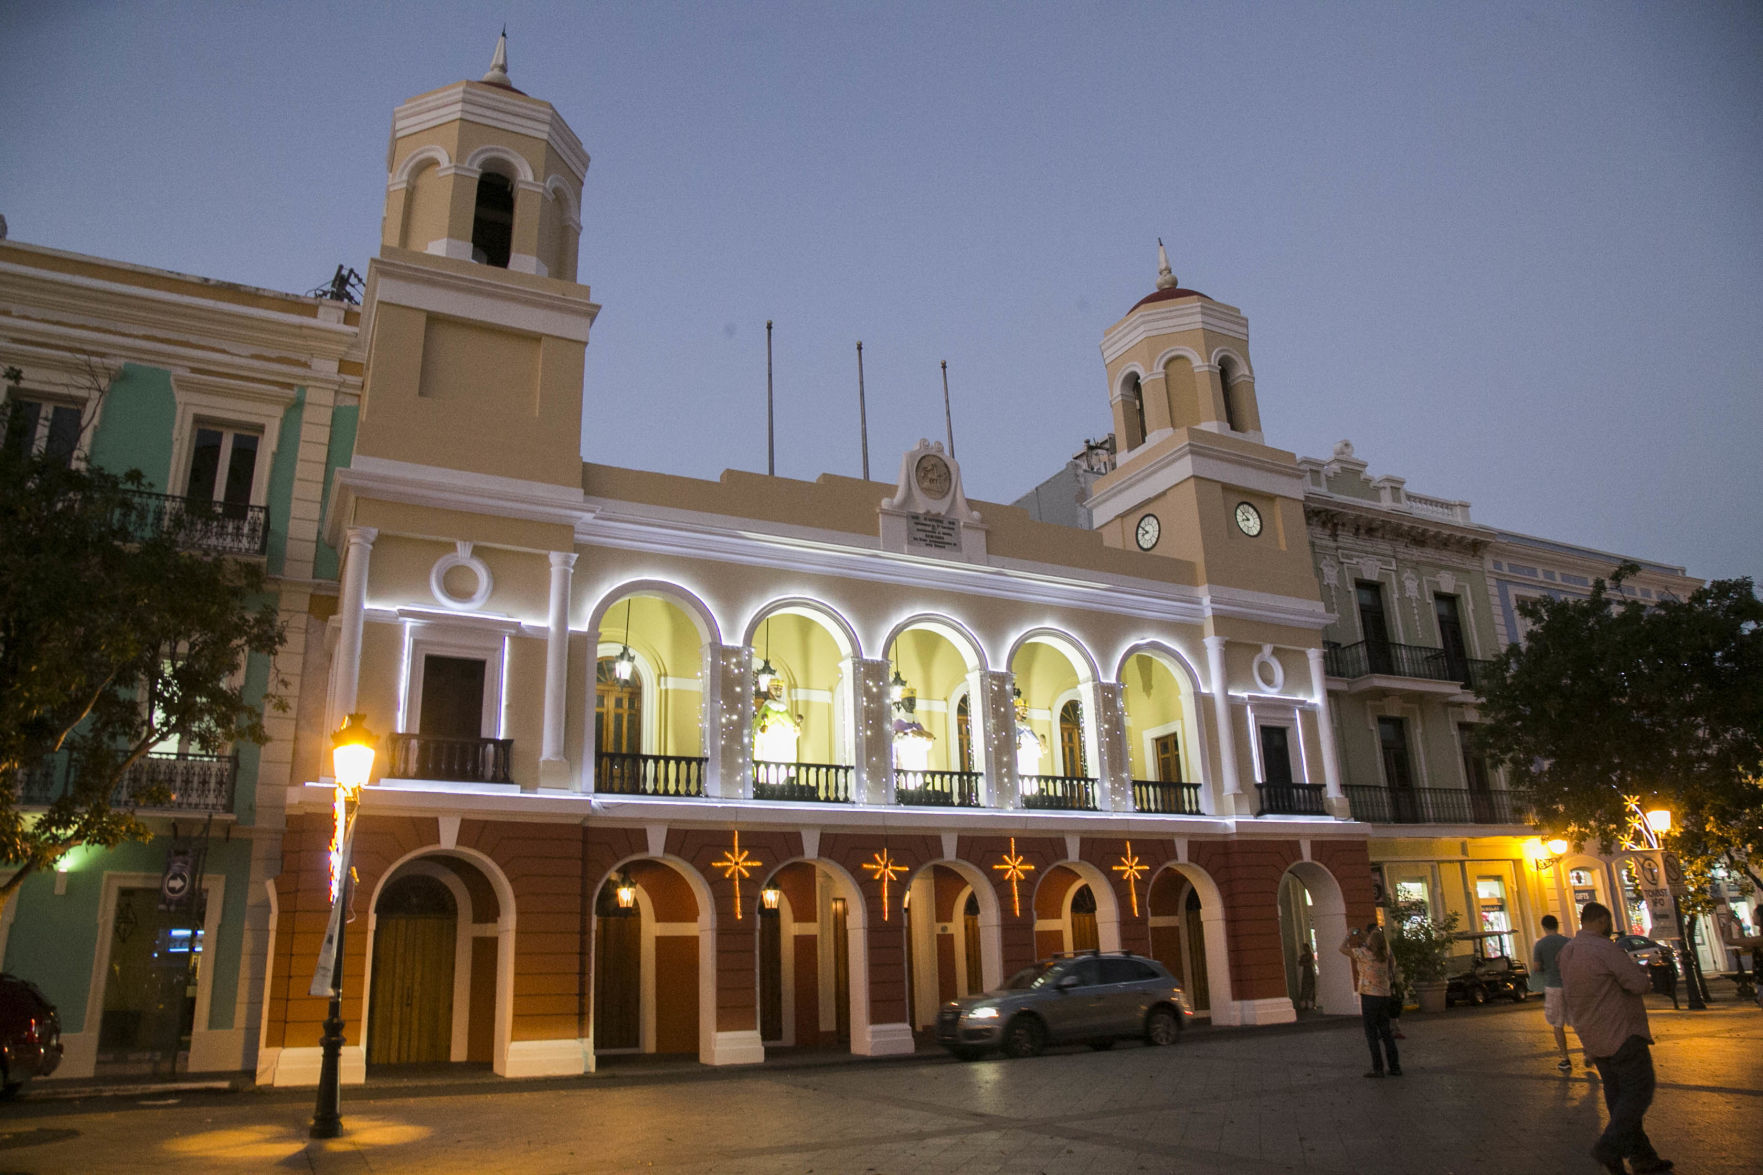 Municipio de San Juan con ofrecimientos culturales en verano